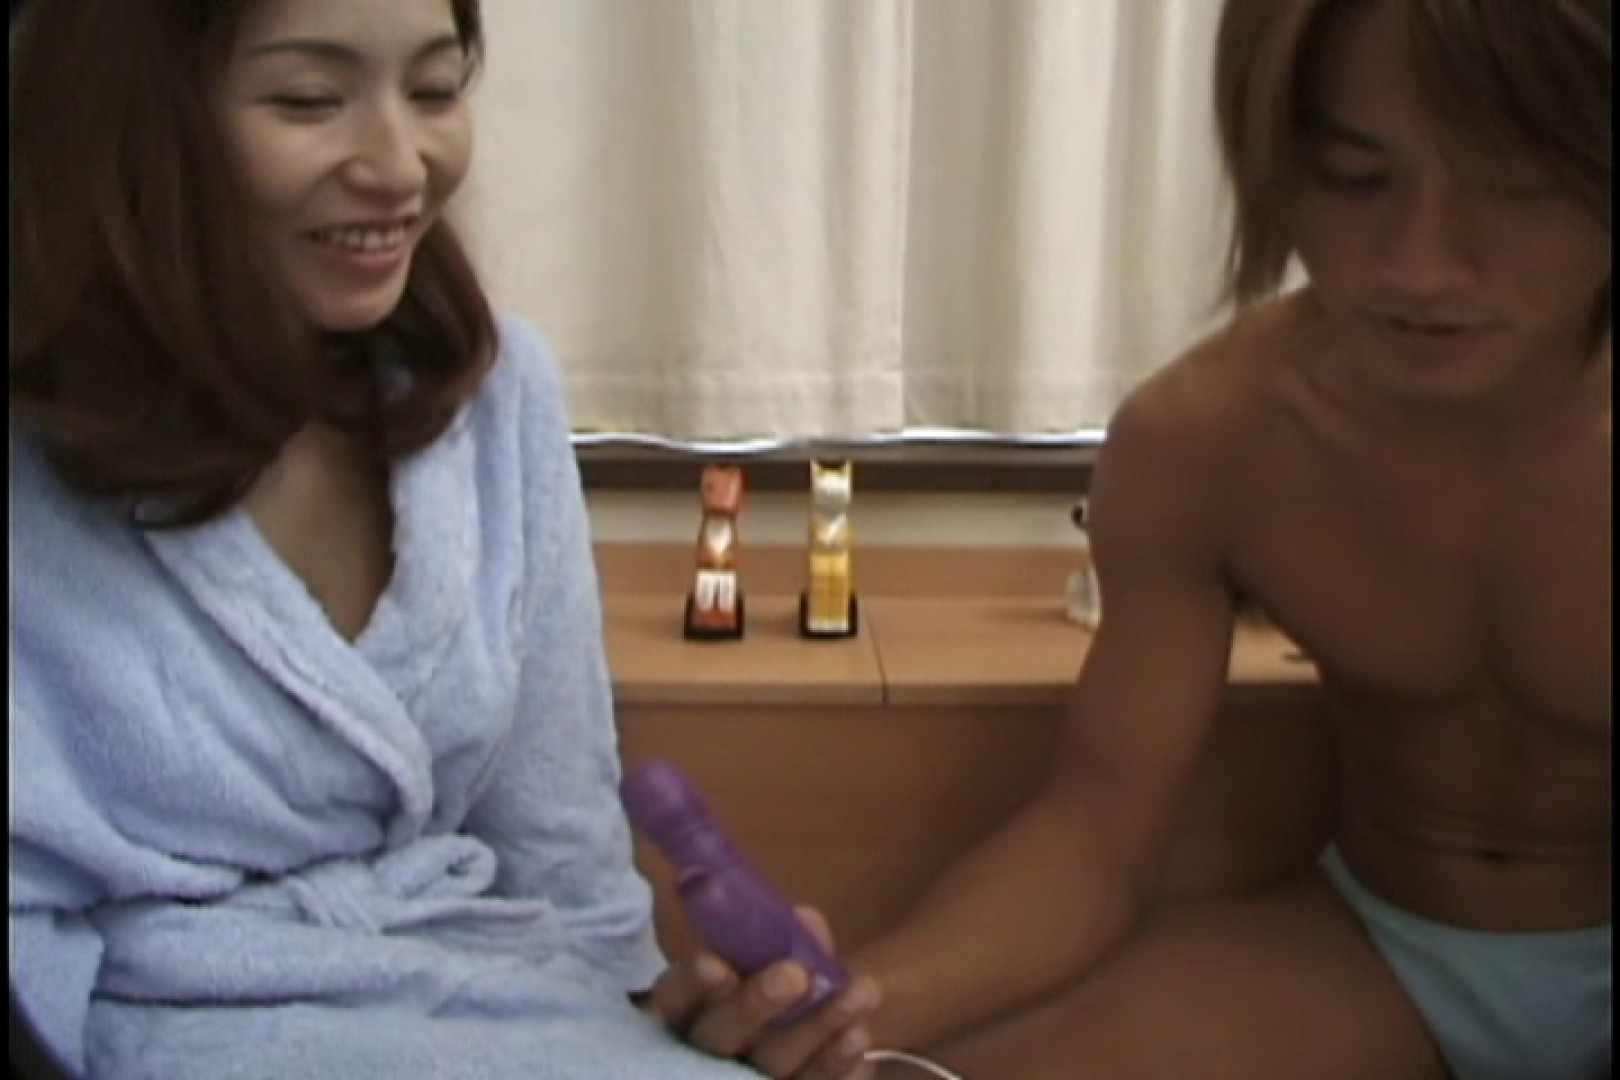 昼間の奥様は欲求不満 ~安田弘美~ クリトリス エロ画像 106連発 54